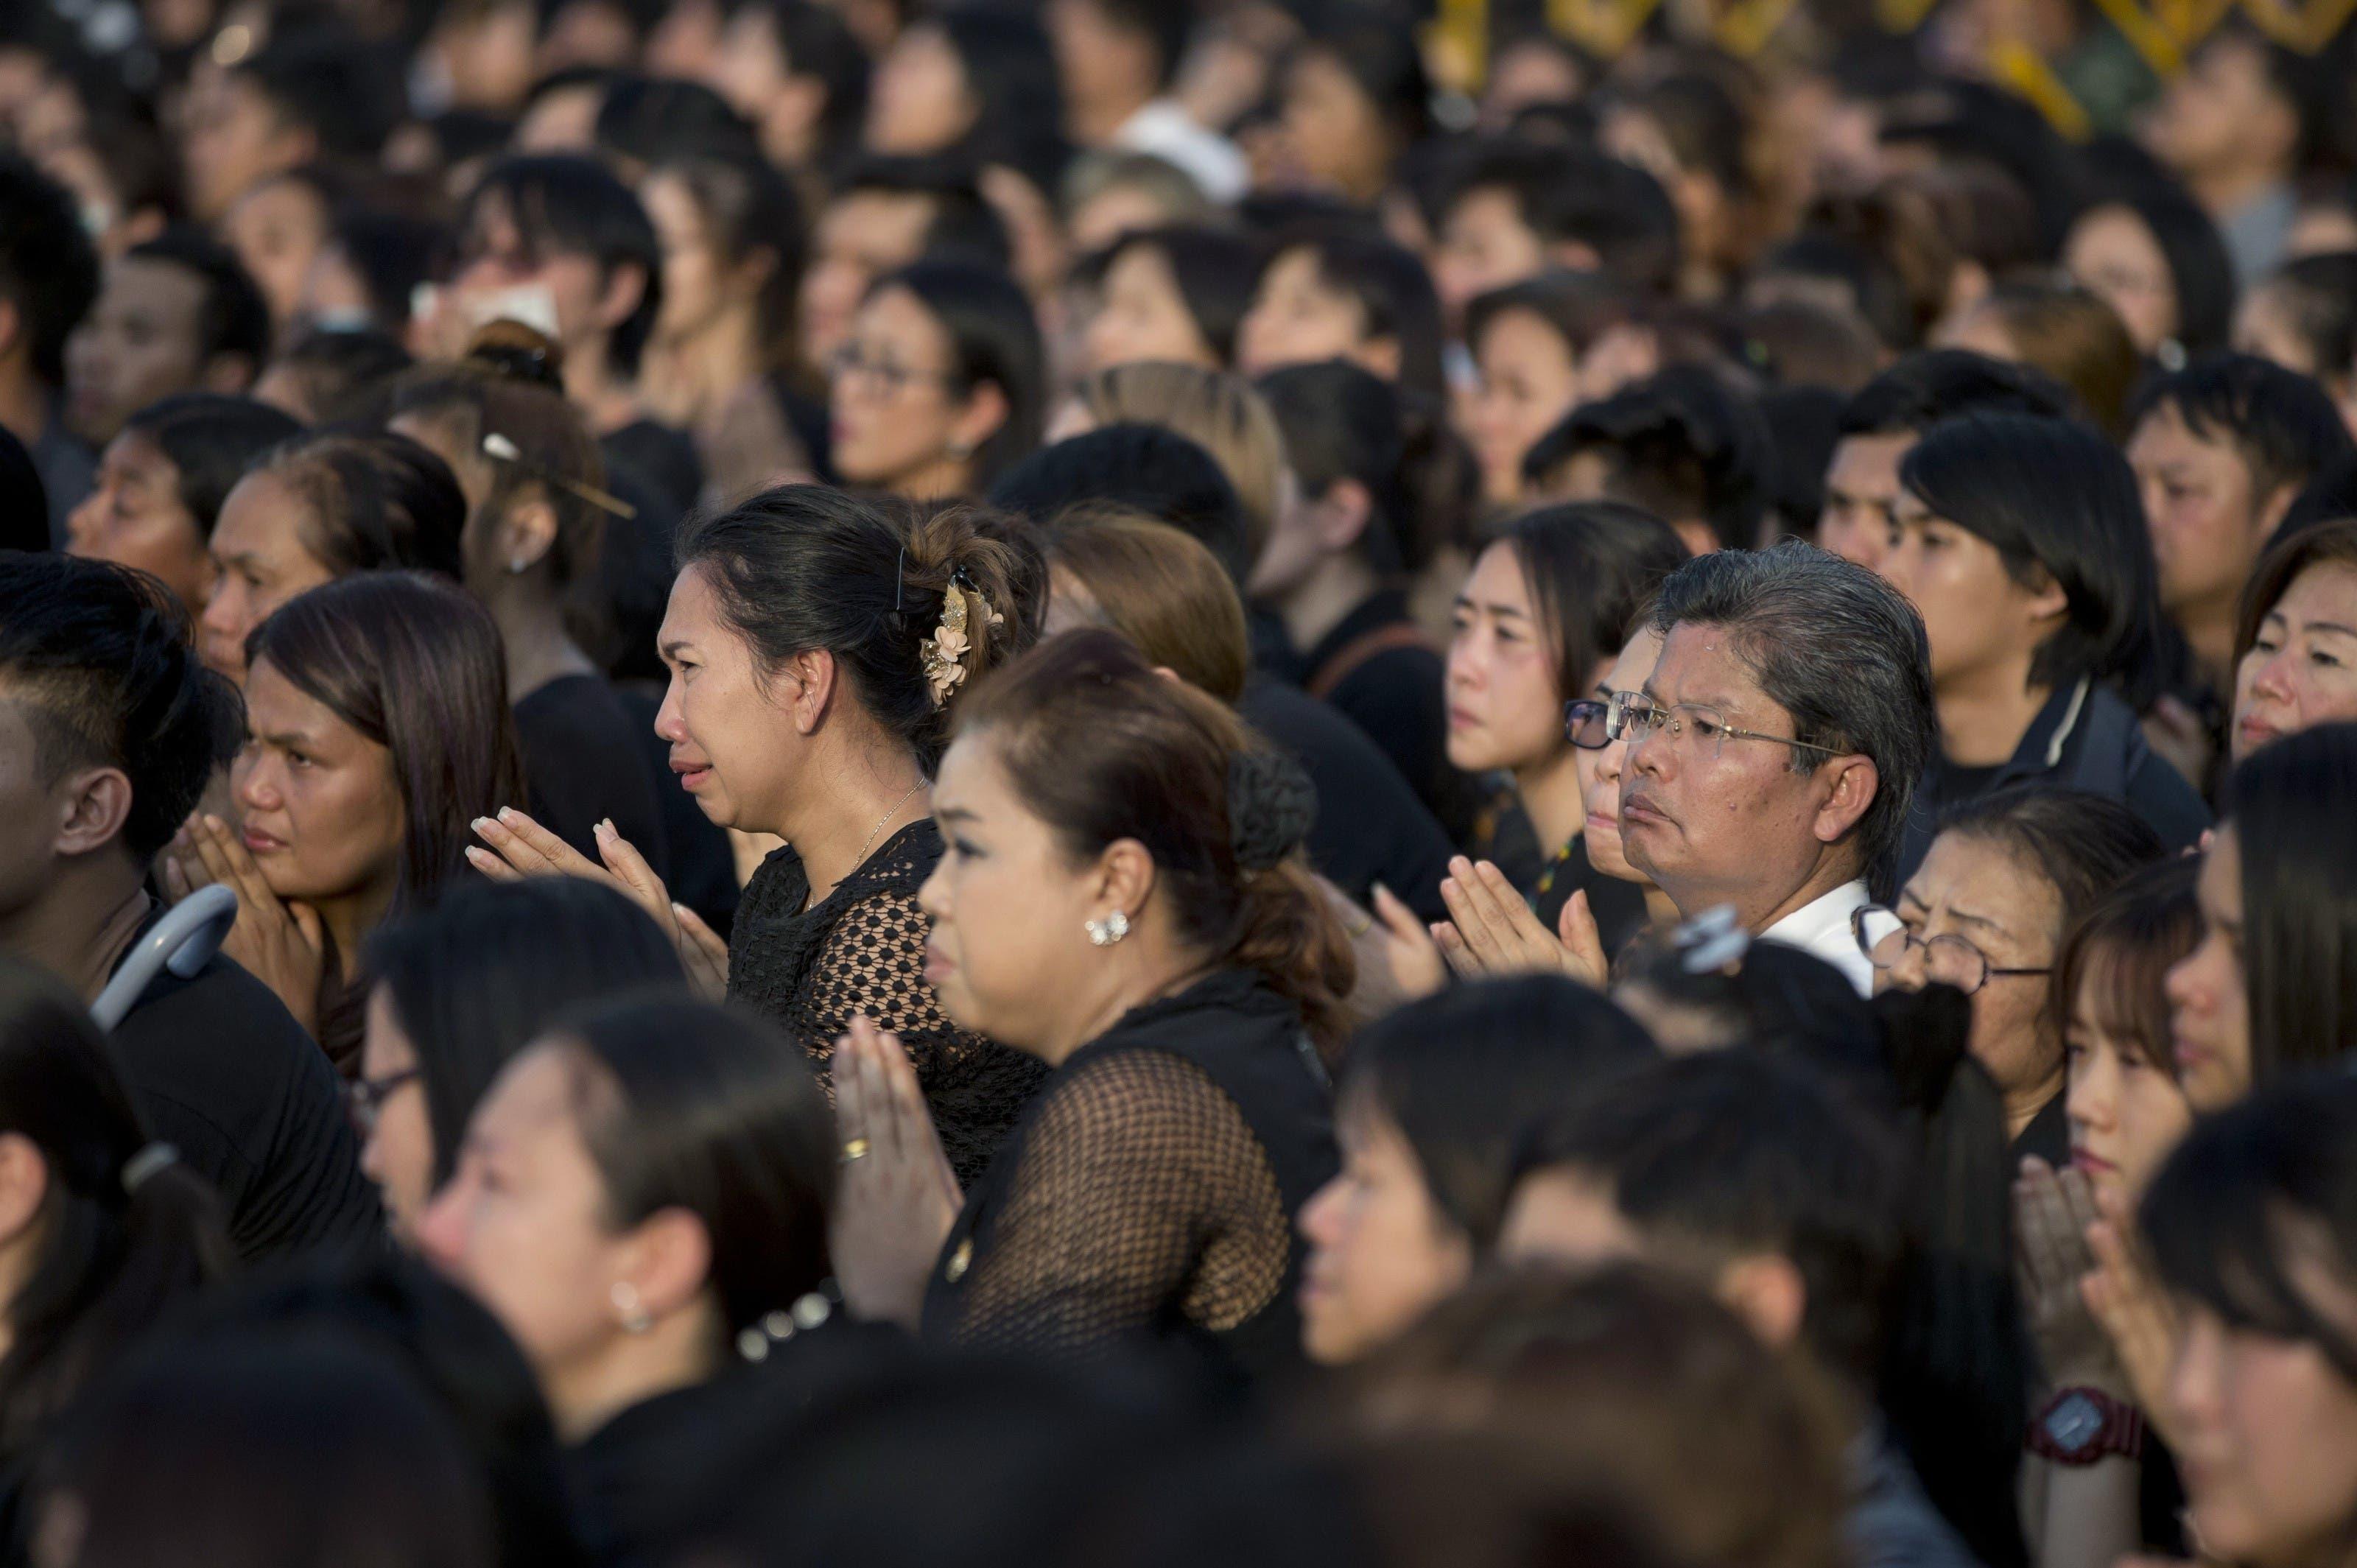 Tausende strömten herbei, um dem verstorbenen König die letzte Ehre zu erweisen.